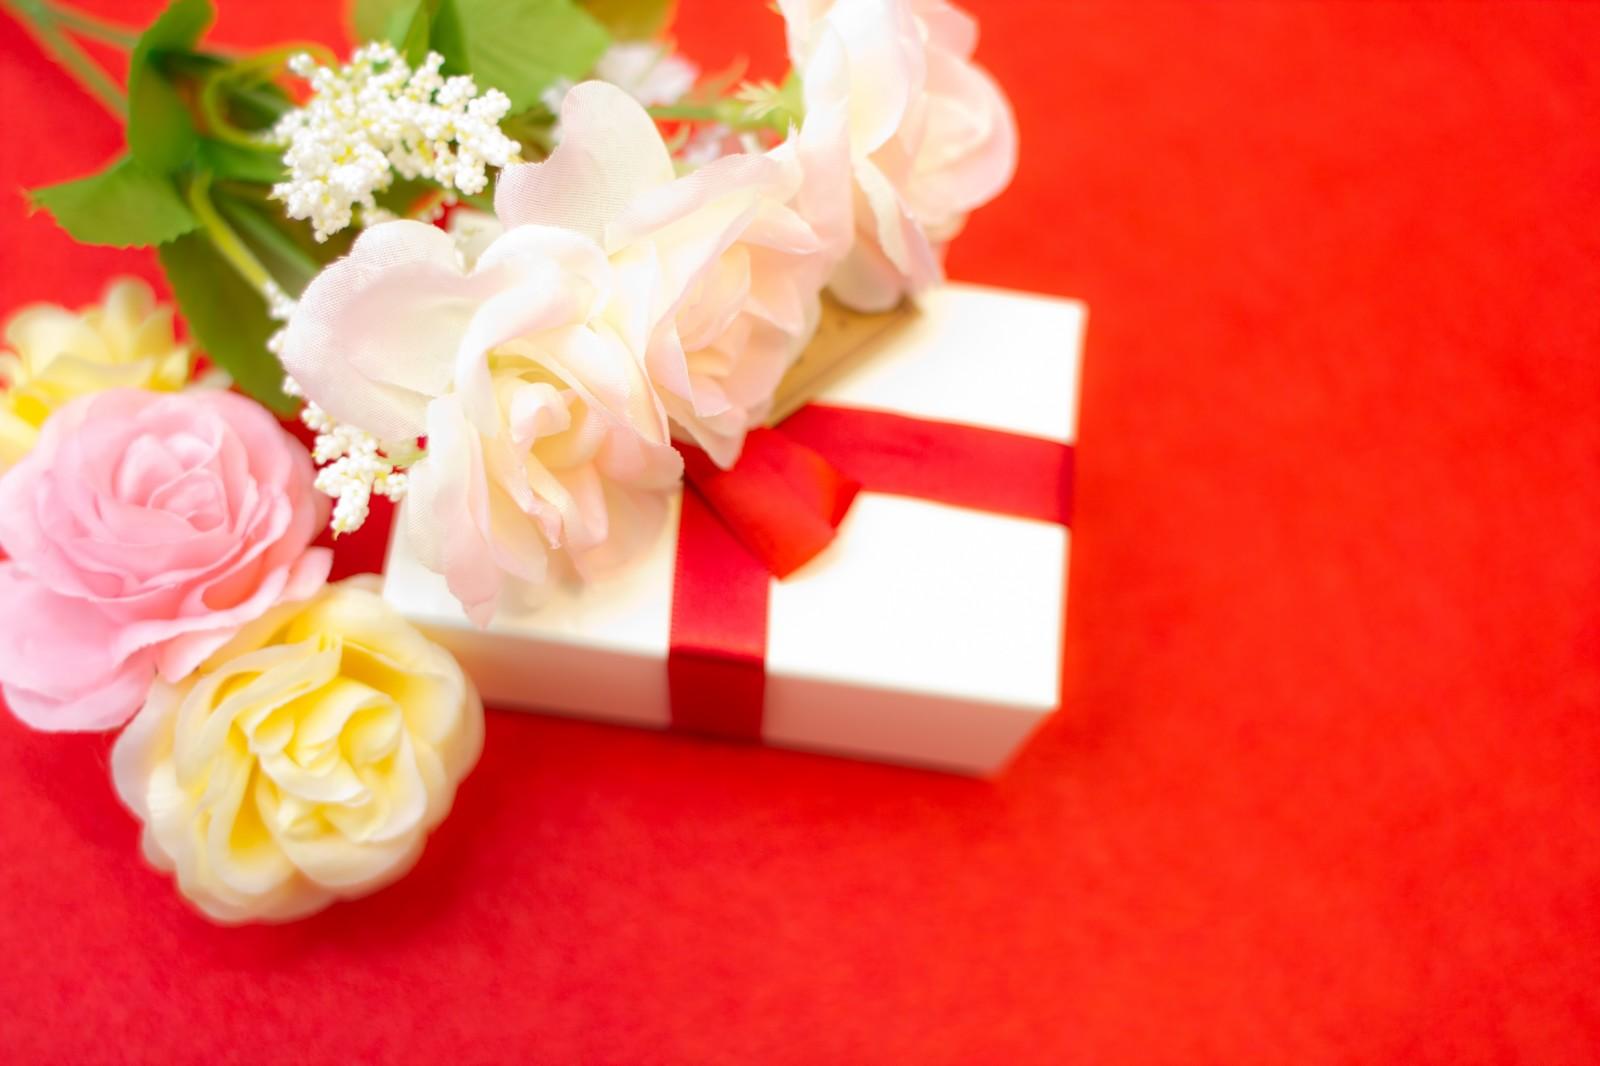 切迫妊婦へのプレゼントお見舞い贈り物